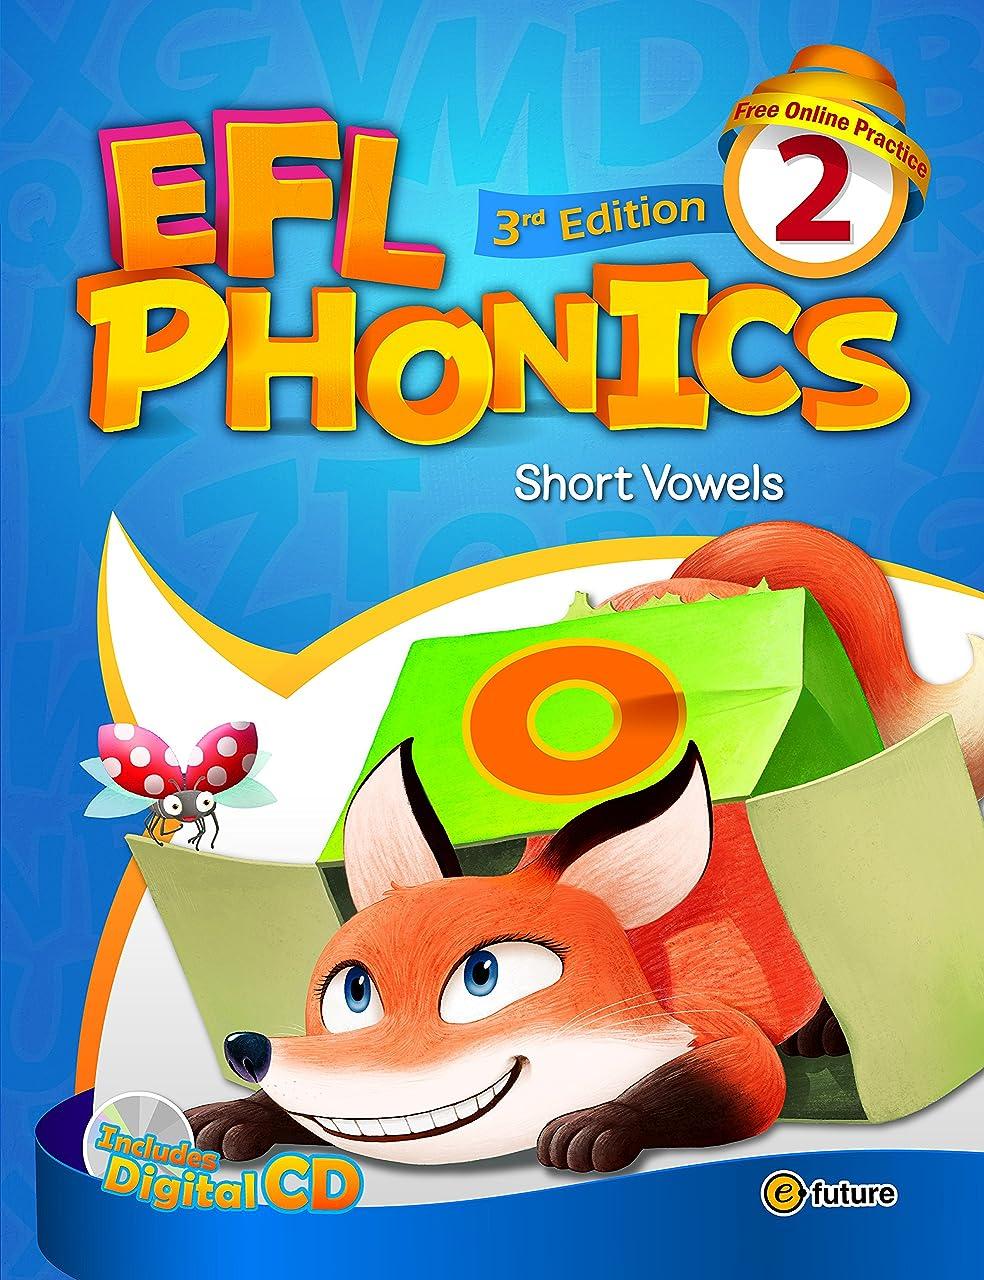 療法ティッシュ億e-future EFL Phonics 3rd Edition レベル2 スチューデントブック (ワークブック?2枚組CD付) 英語教材